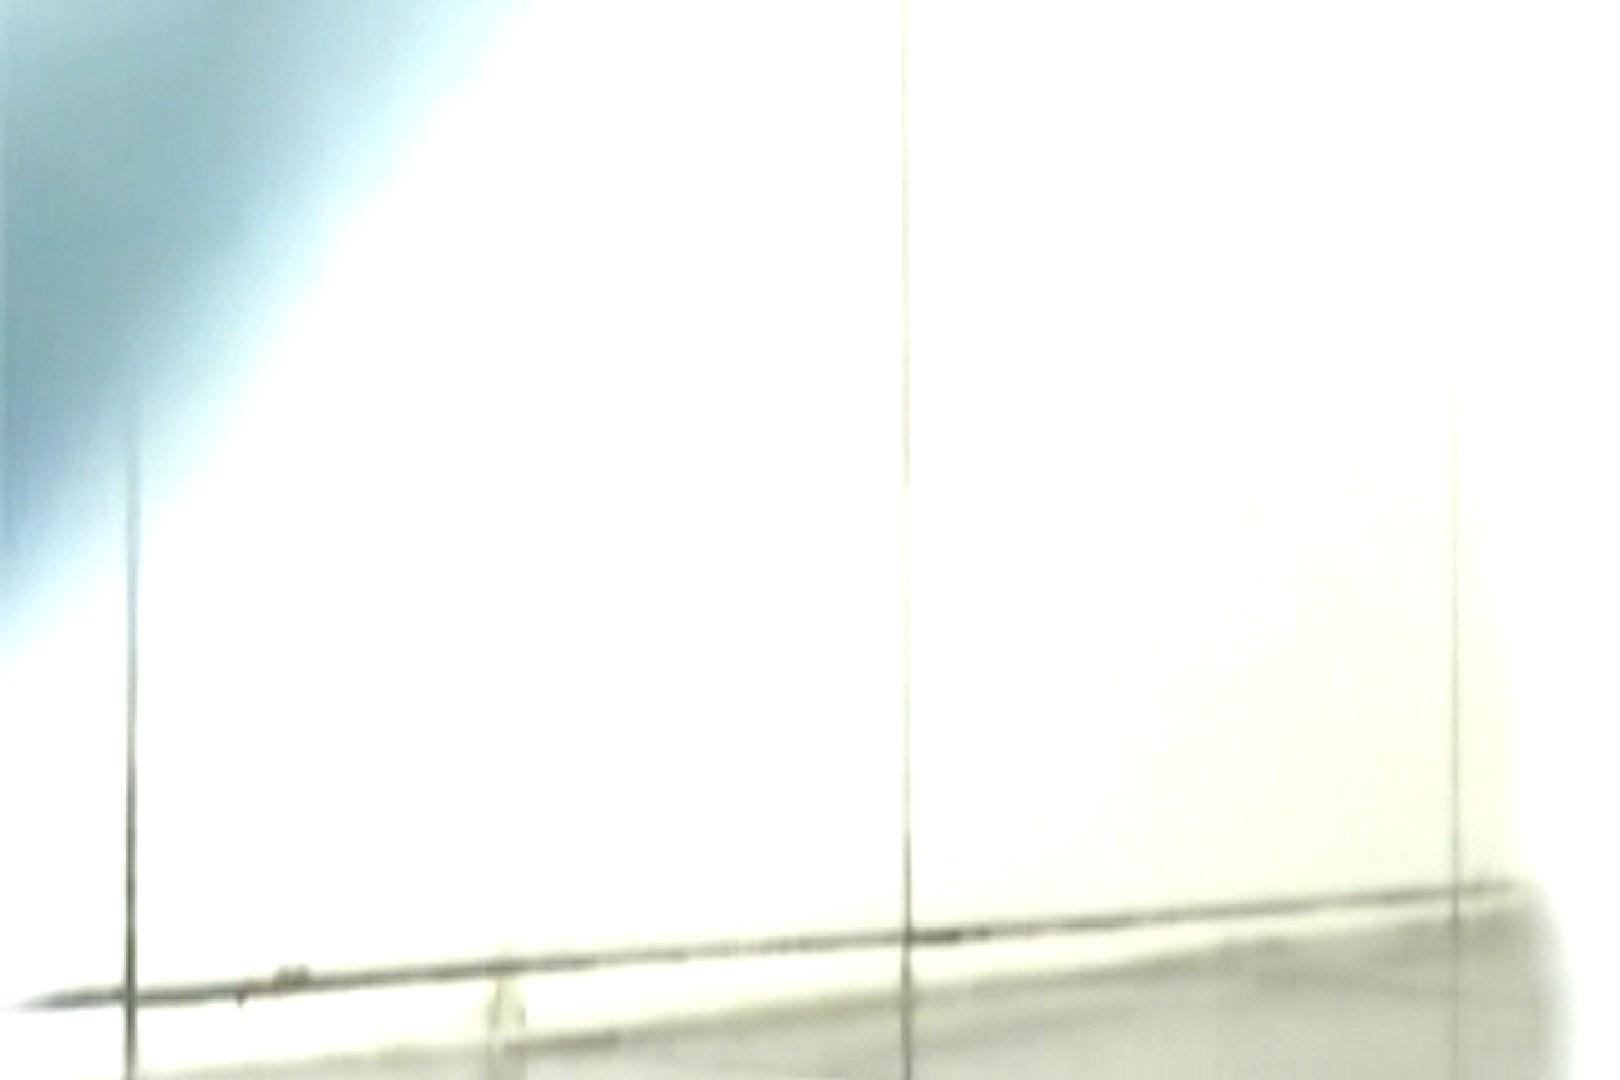 ぼっとん洗面所スペシャルVol.11 おまんこ AV動画キャプチャ 78PIX 75